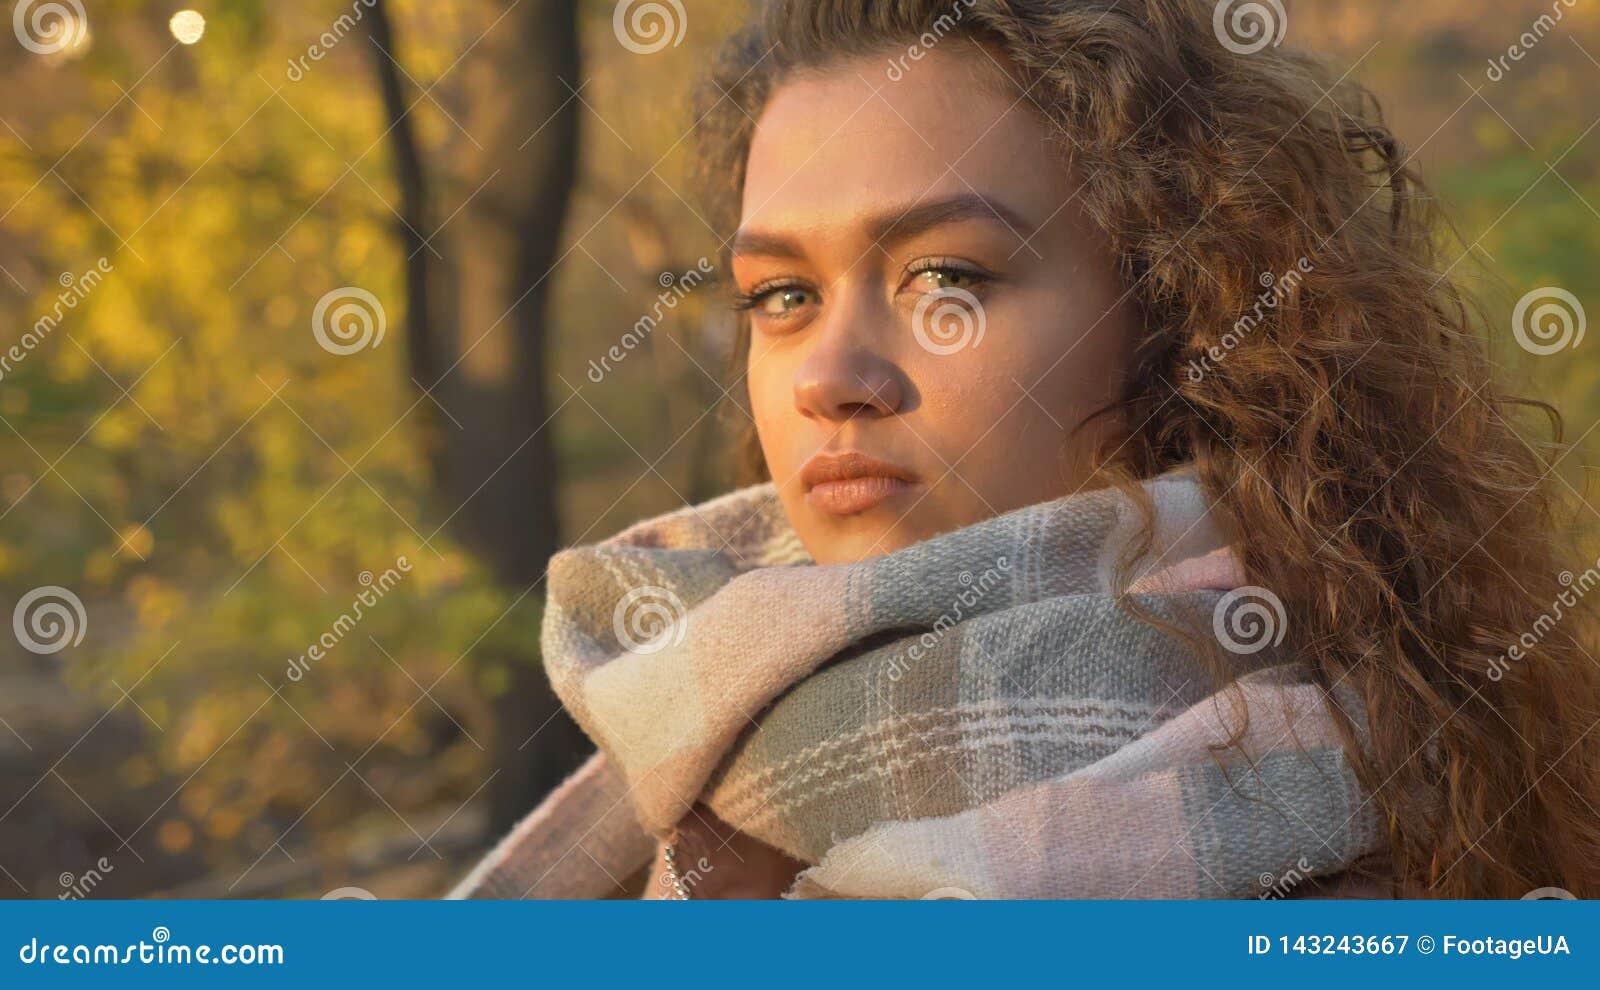 Retrato no perfil da menina caucasiano consideravelmente encaracolado-de cabelo que olha seriamente na câmera no parque outonal